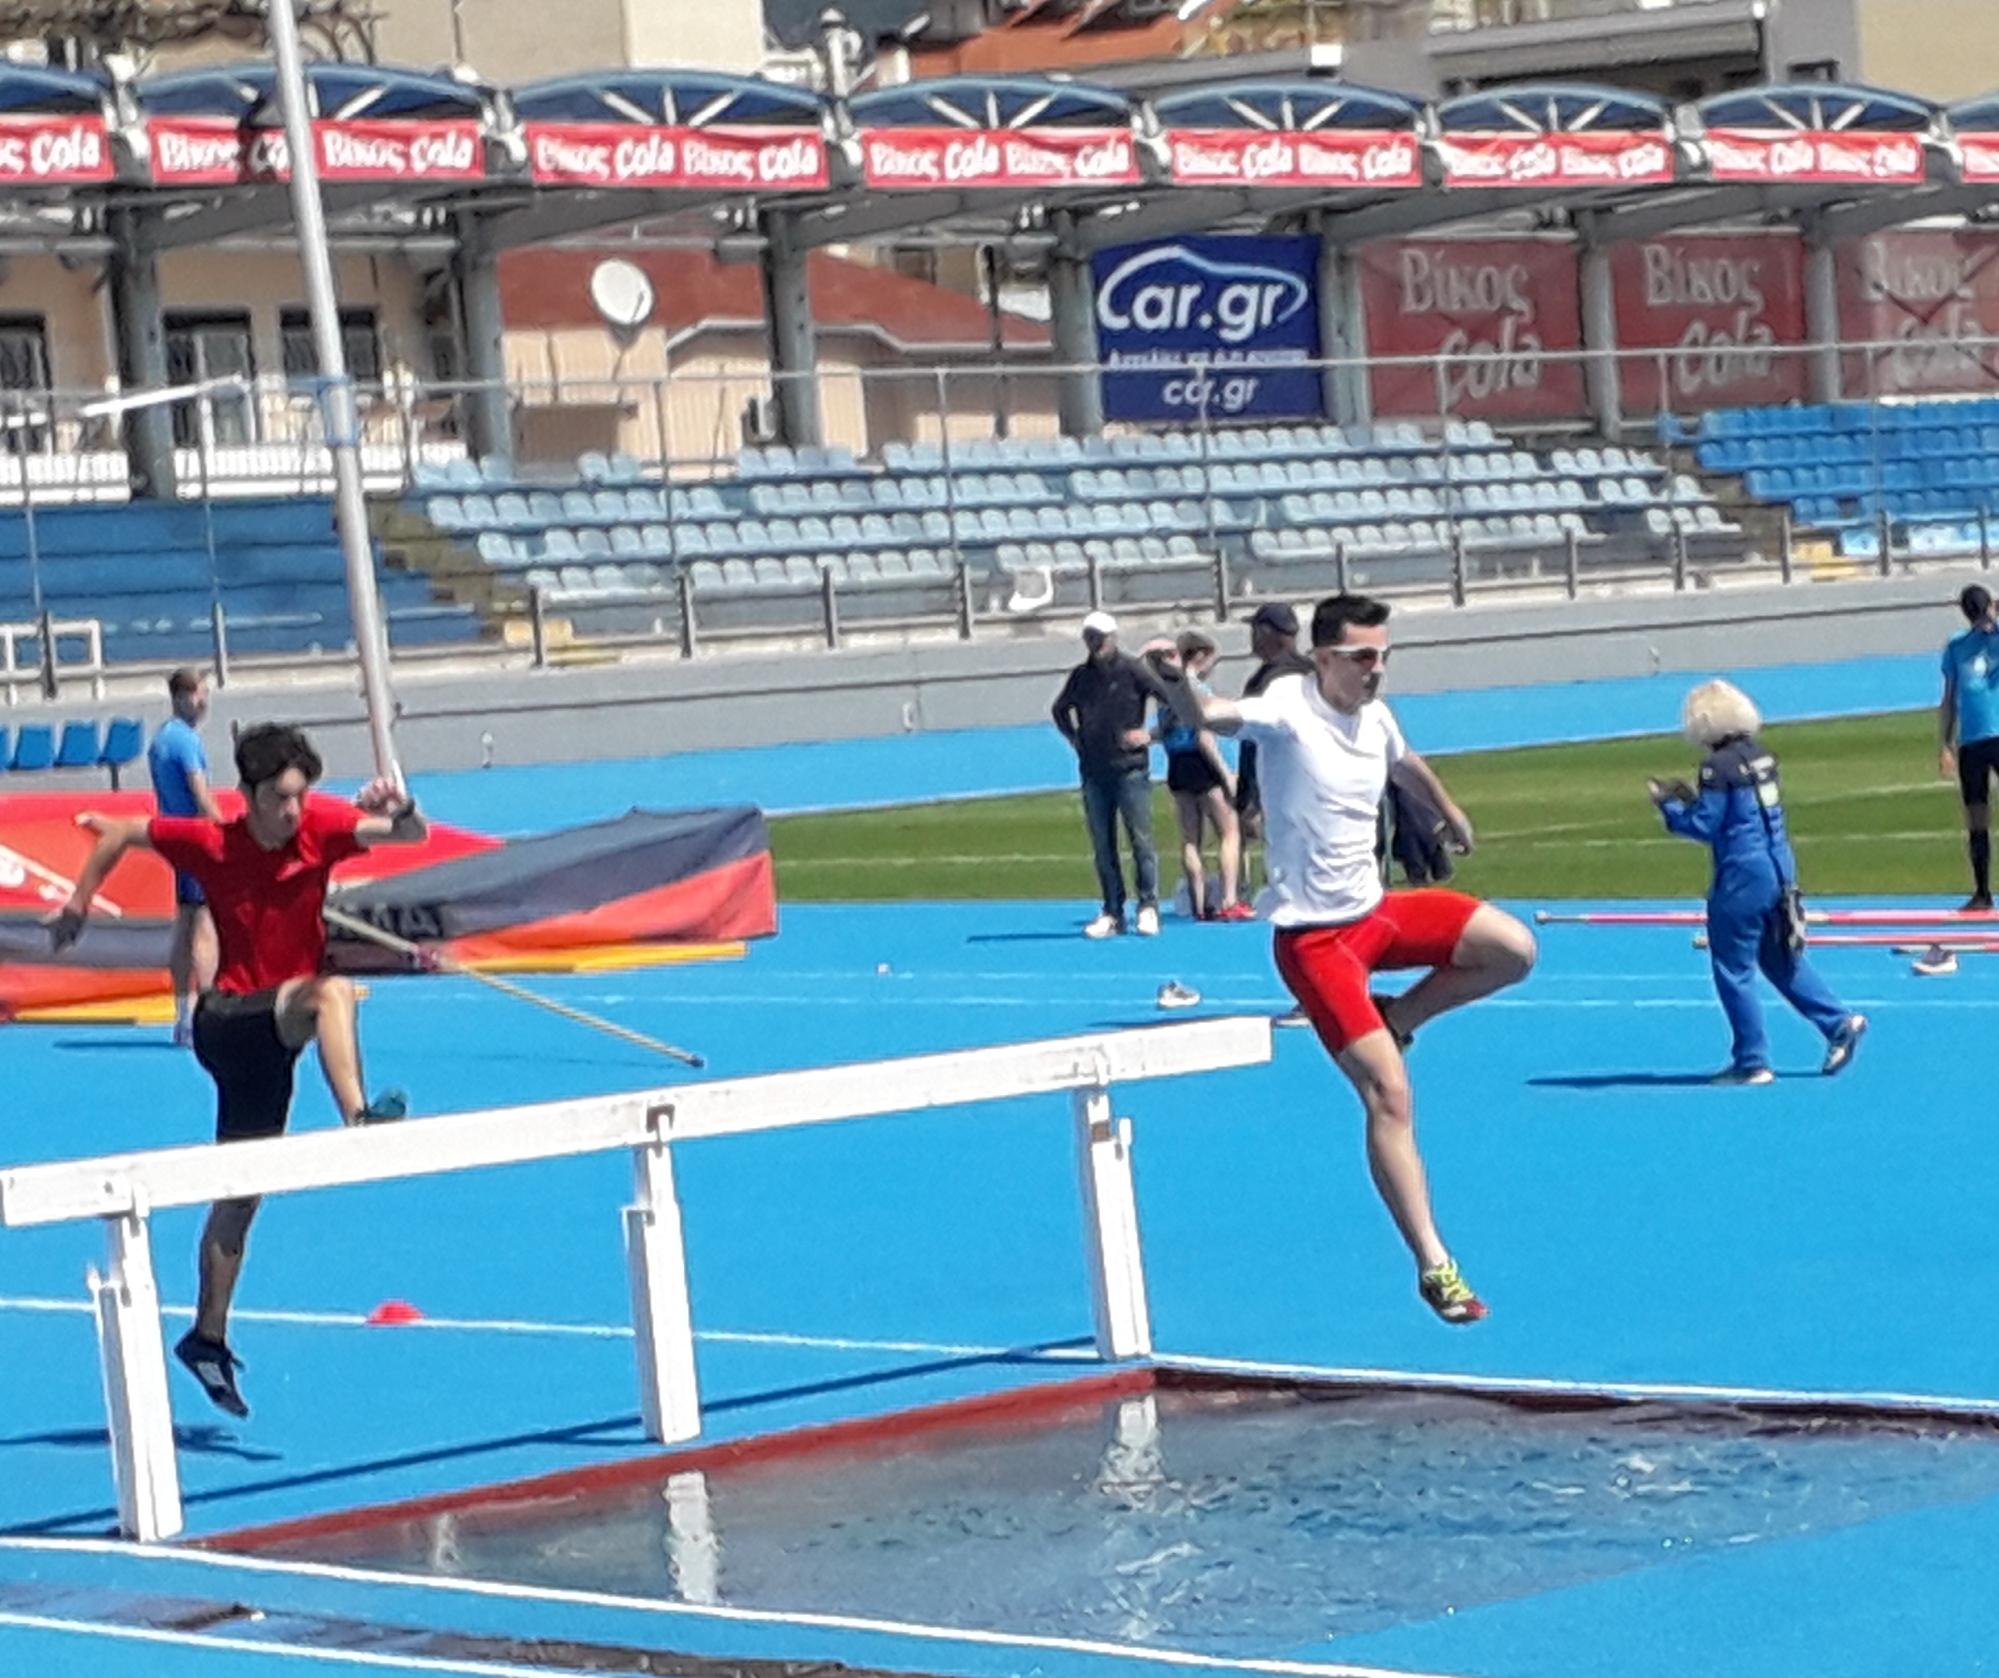 Πανελλήνιο σχολικό πρωτάθλημα στίβου στα Γιάννενα